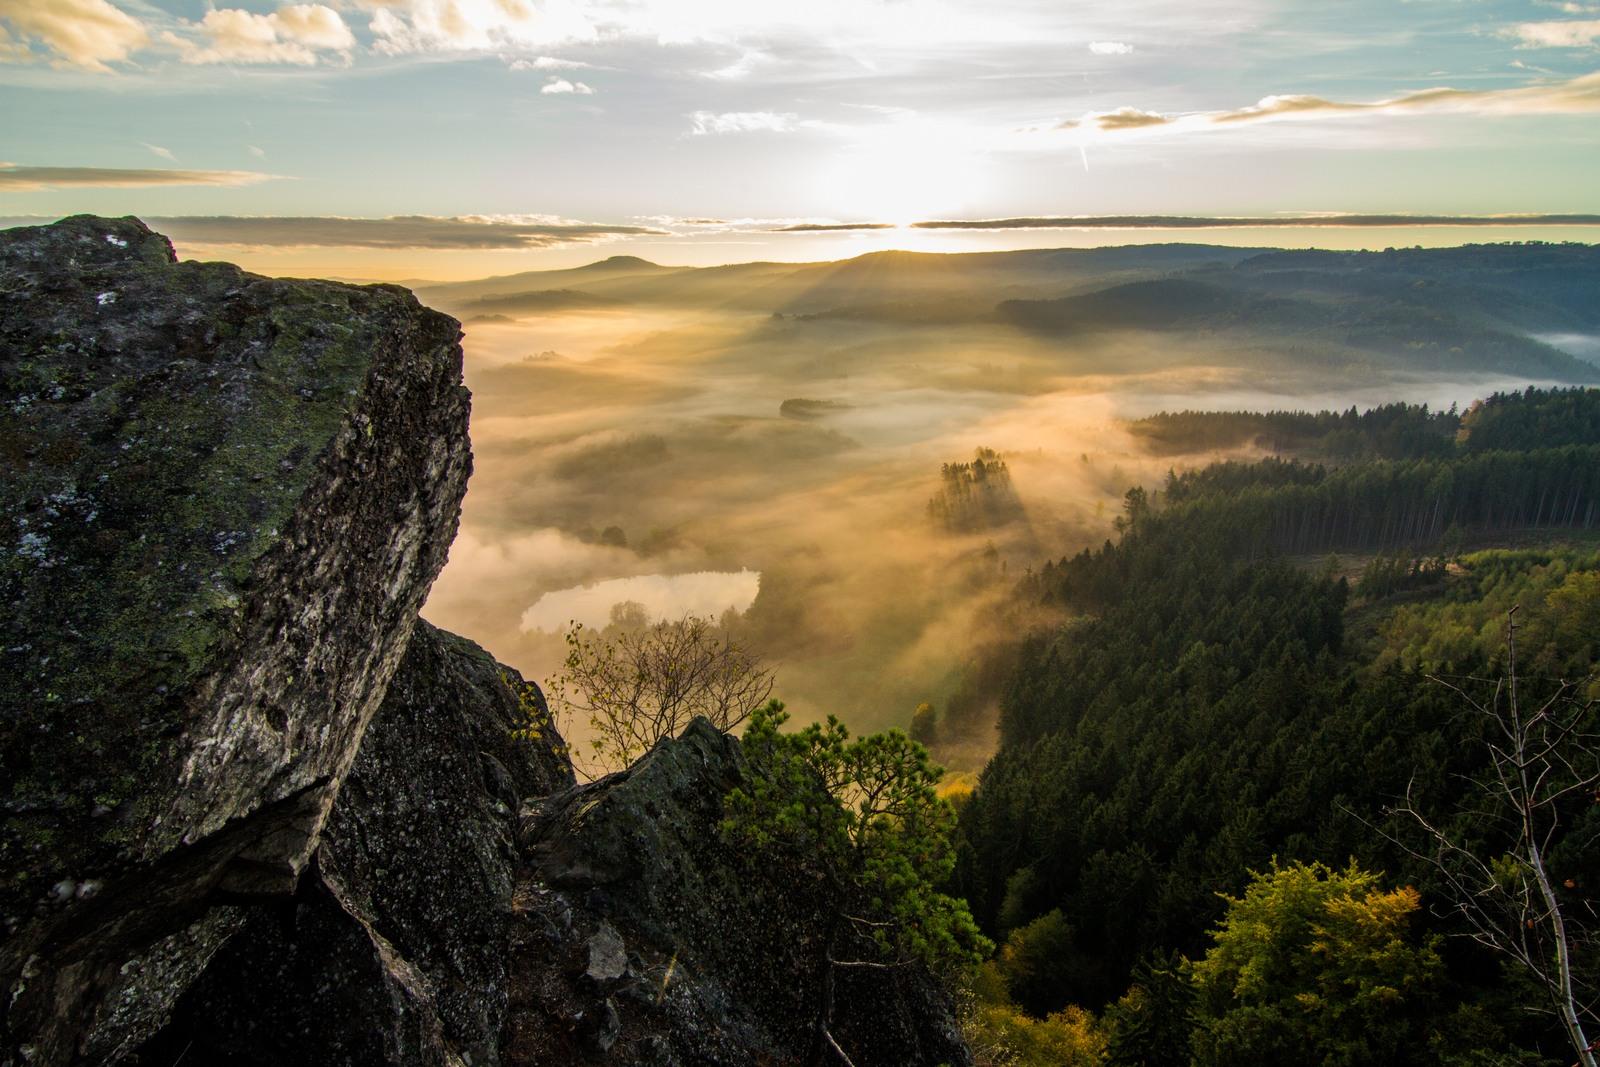 Slavkovsky Forest